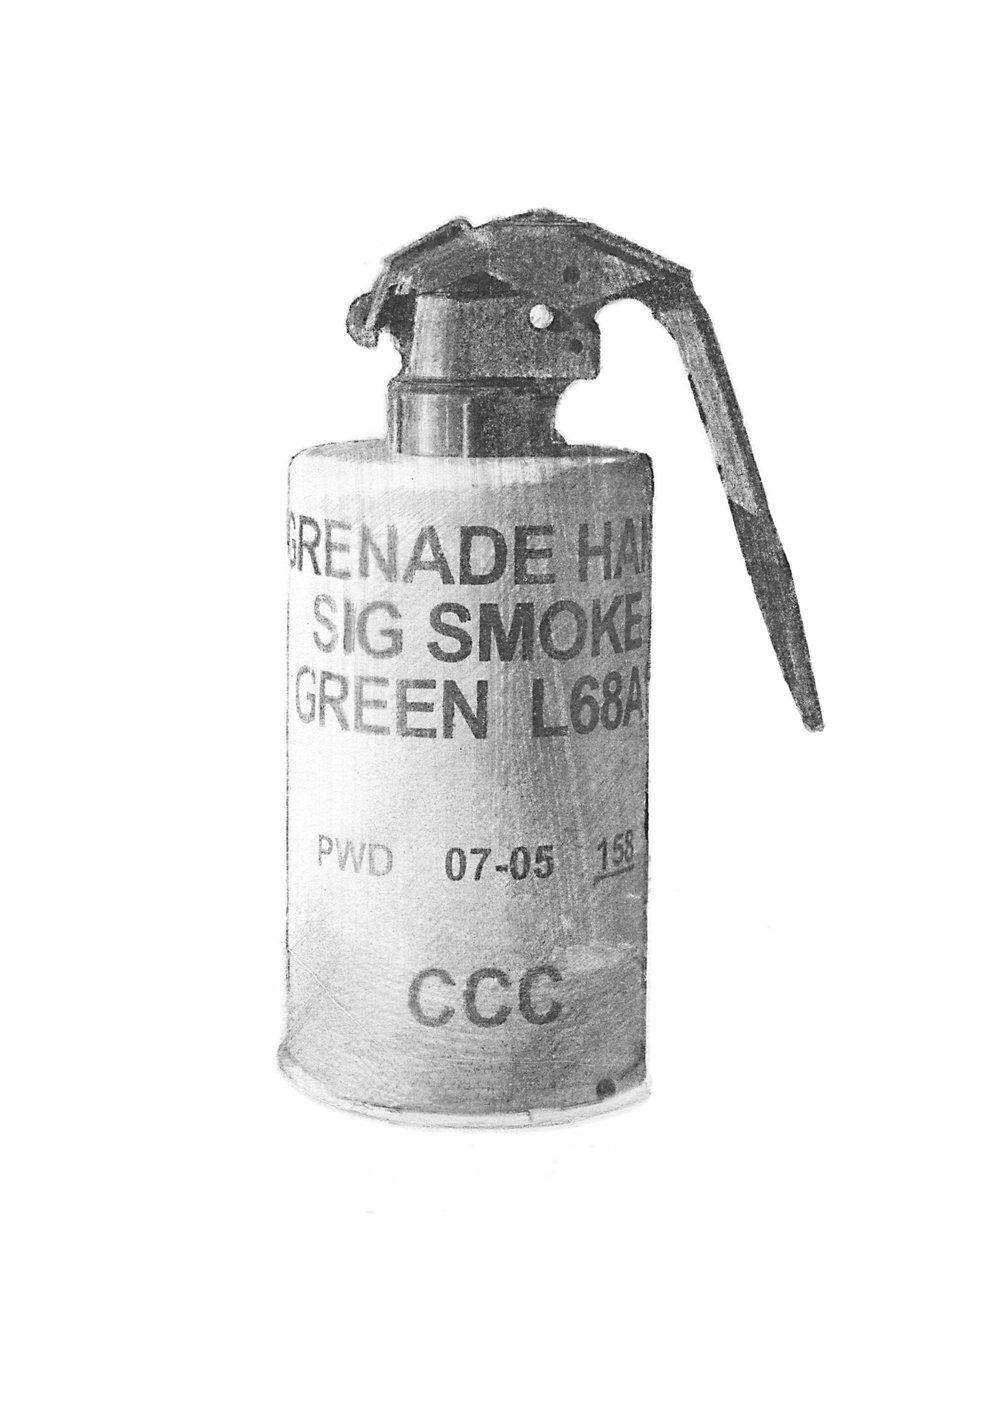 smoke grenade print.jpg